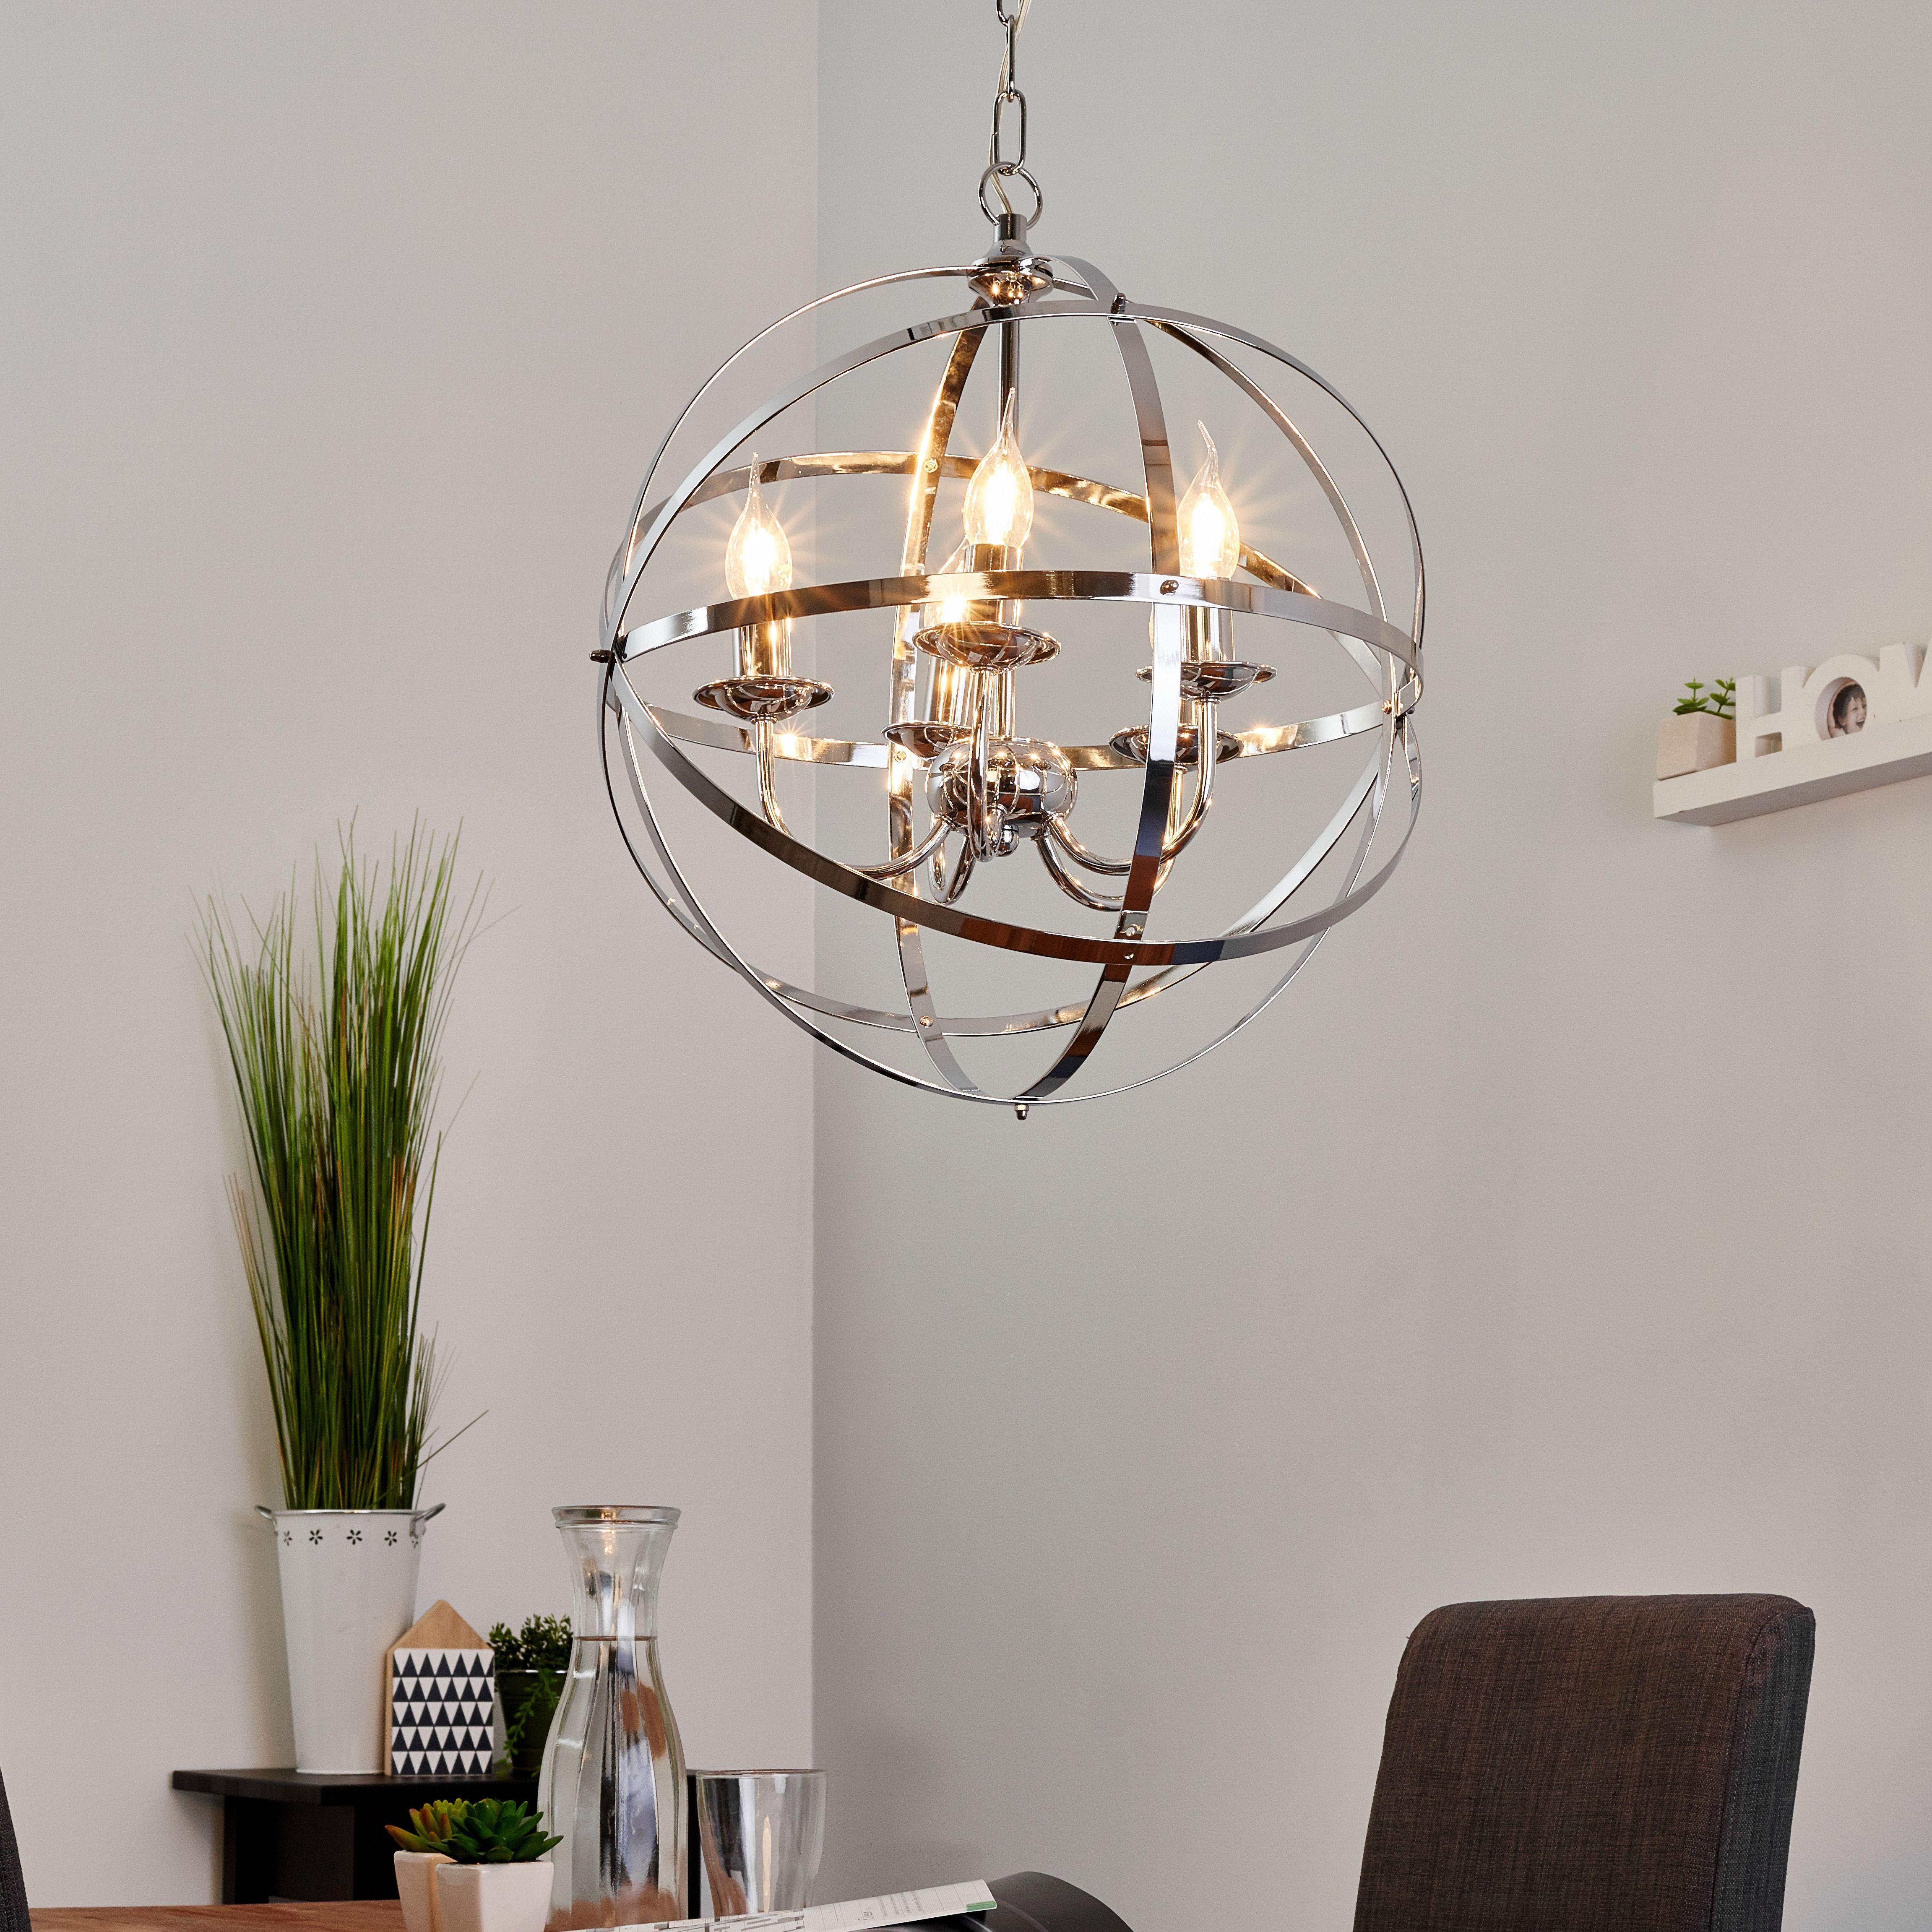 Lamper og belysning til hjemmet | Lampegiganten.no